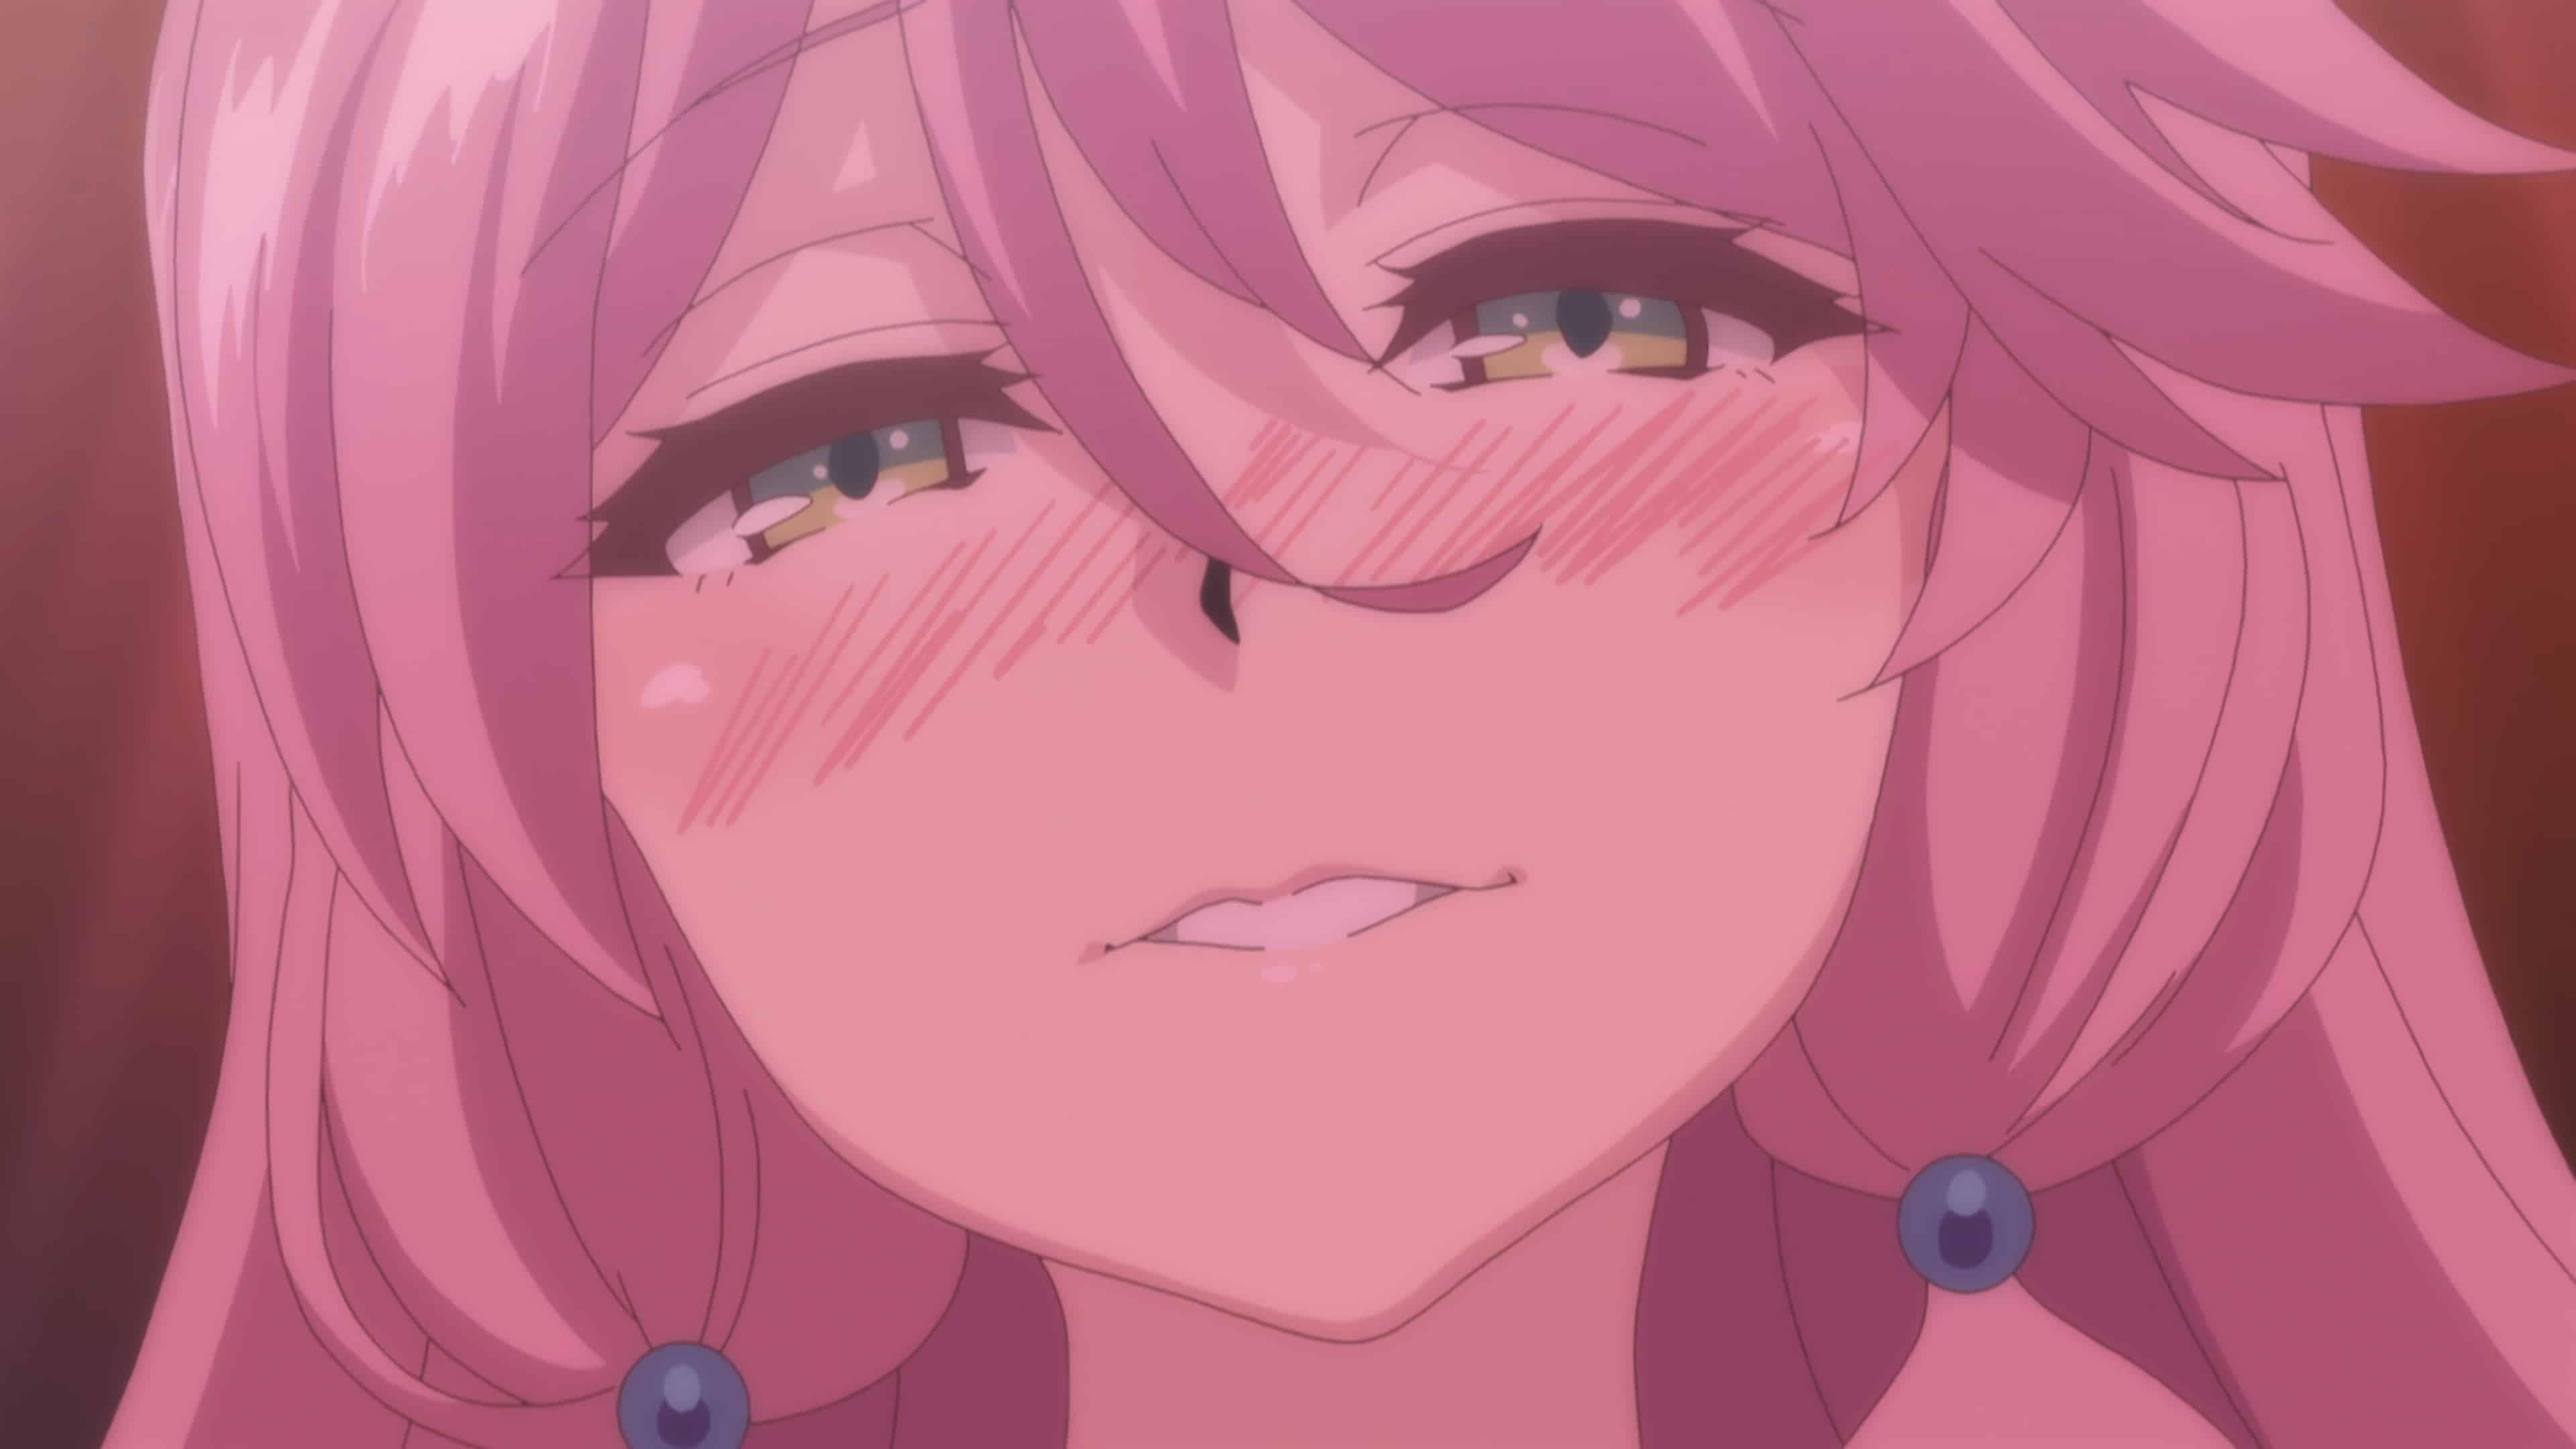 Flare being pleasured by Keyaru